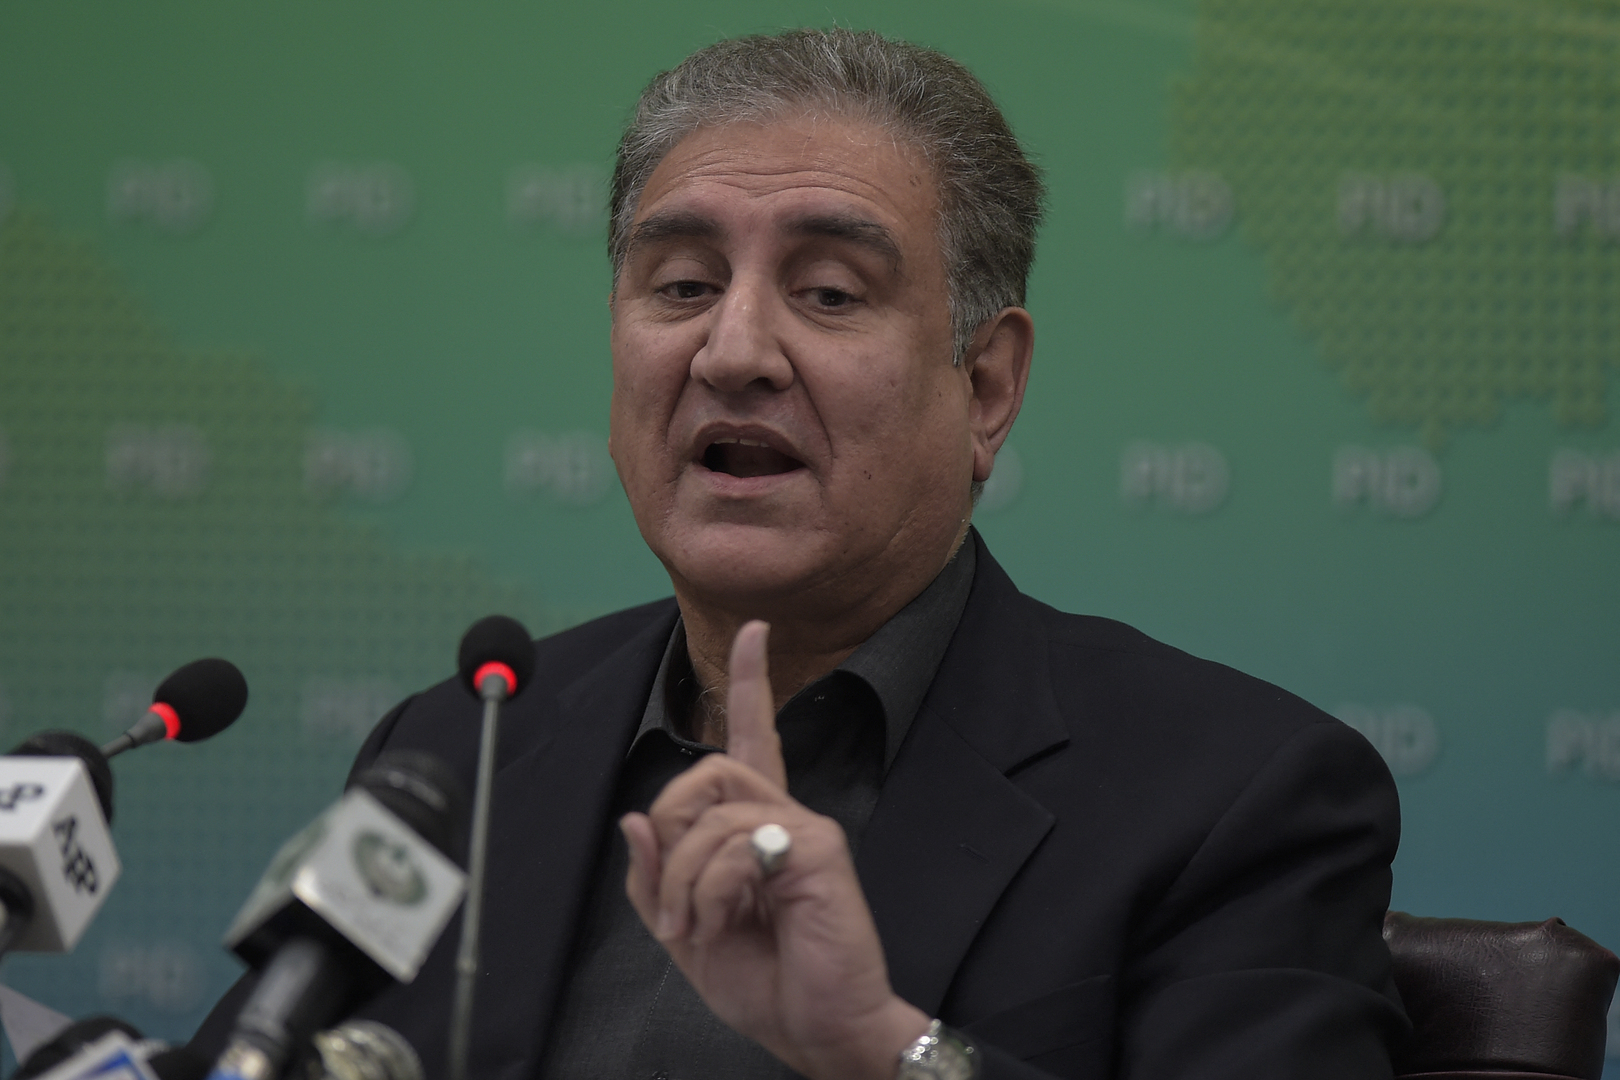 باكستان تعلن أنها رفضت منح قواعد عسكرية للولايات المتحدة